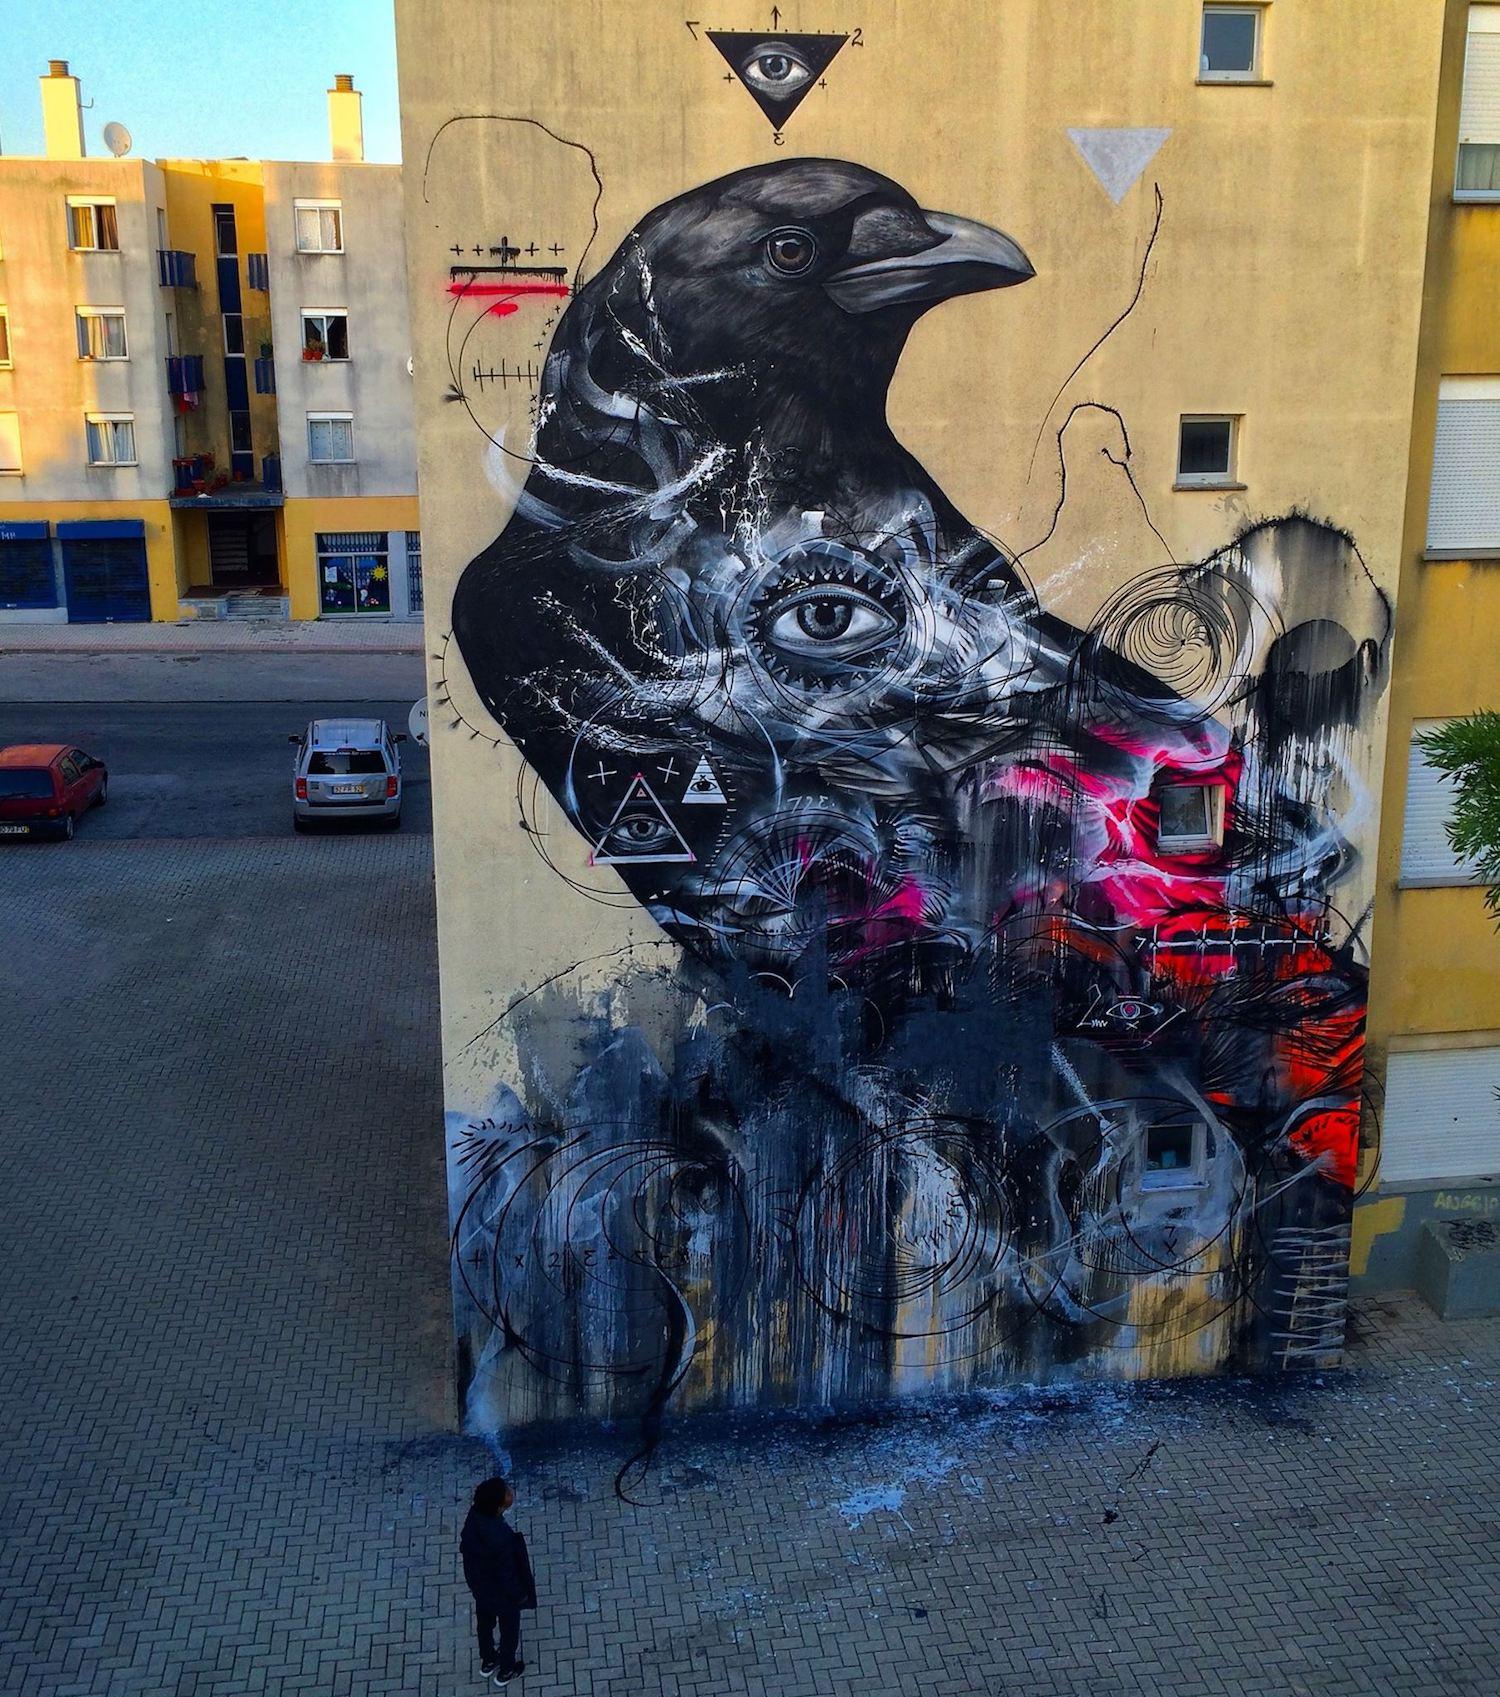 l7-m-streetart-walls-2016-18-1